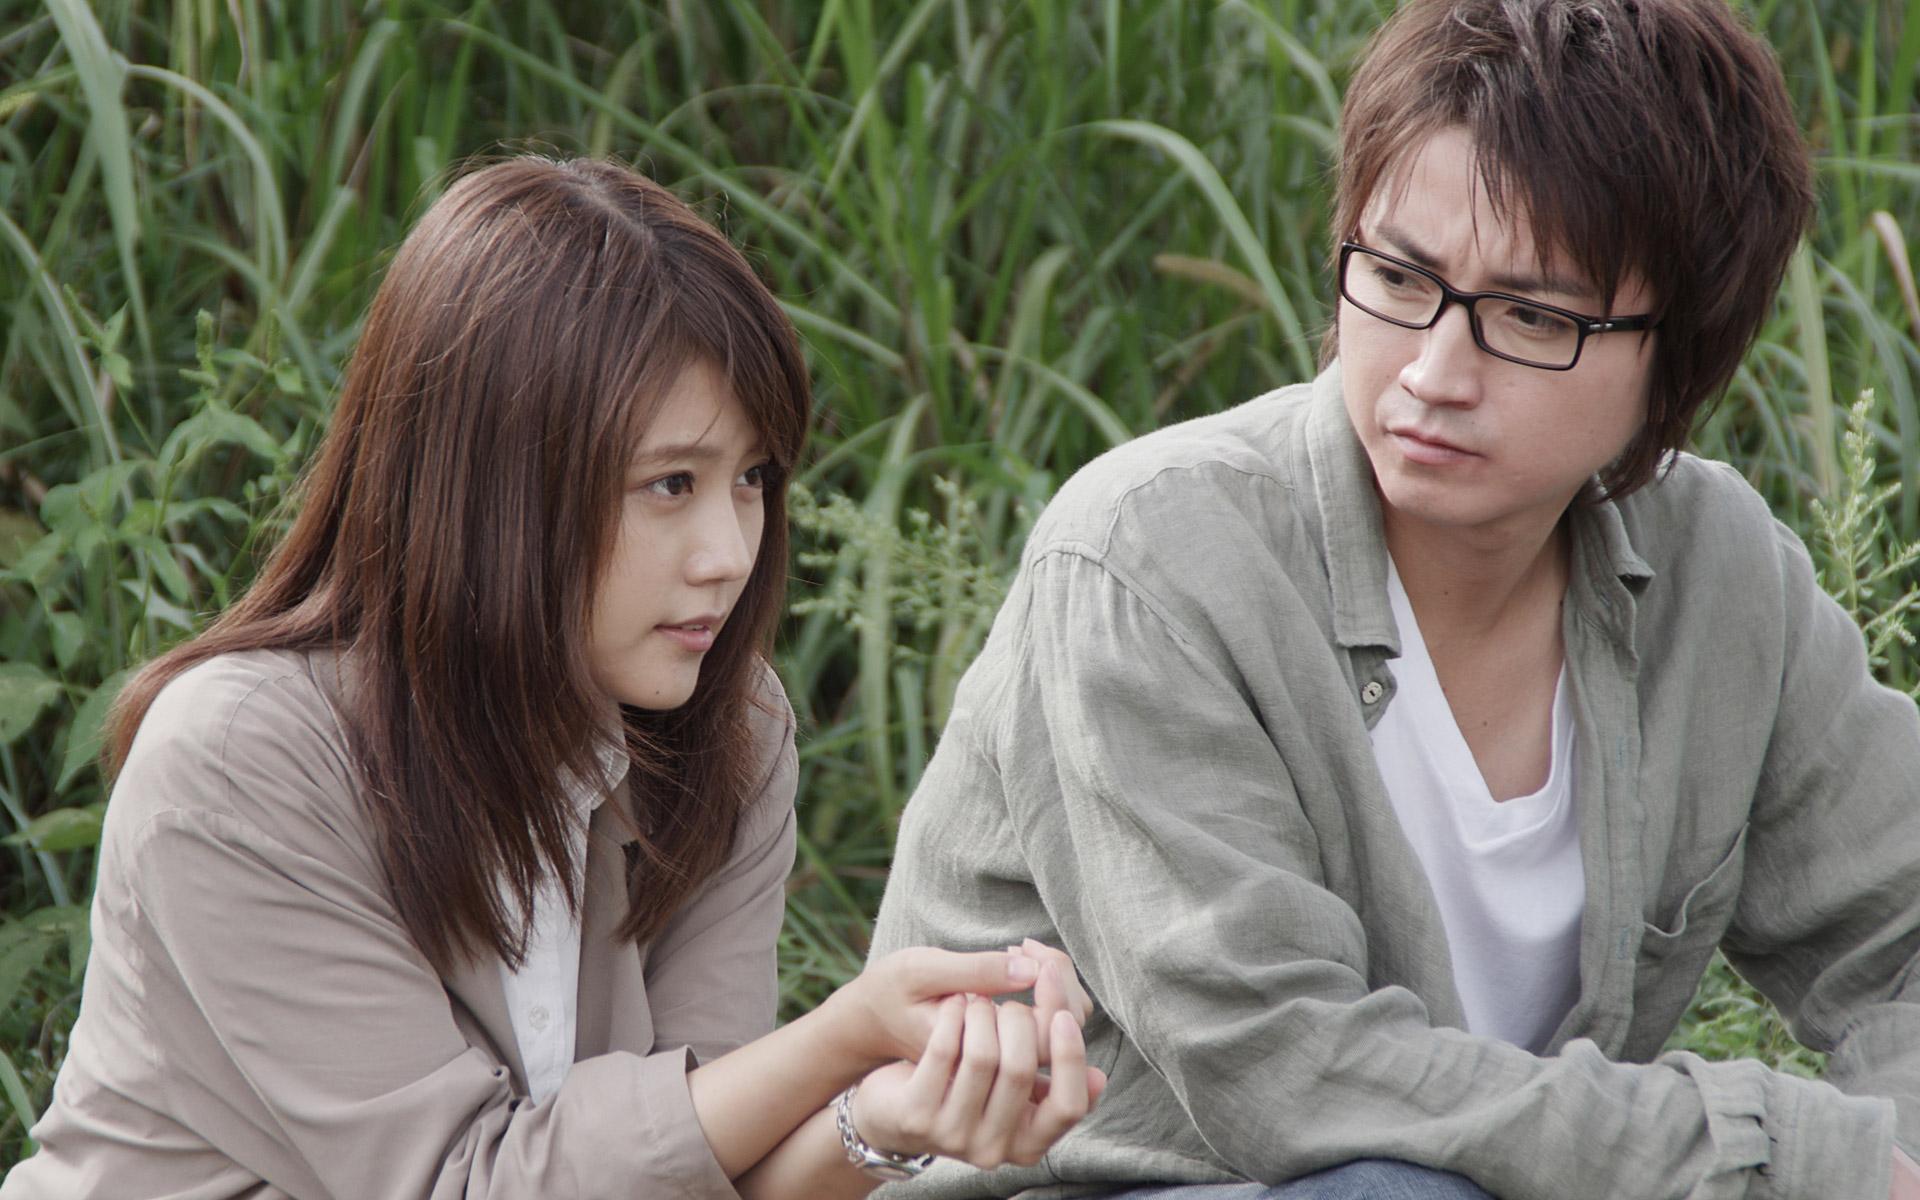 藤原竜也出演映画『僕だけがいない街』